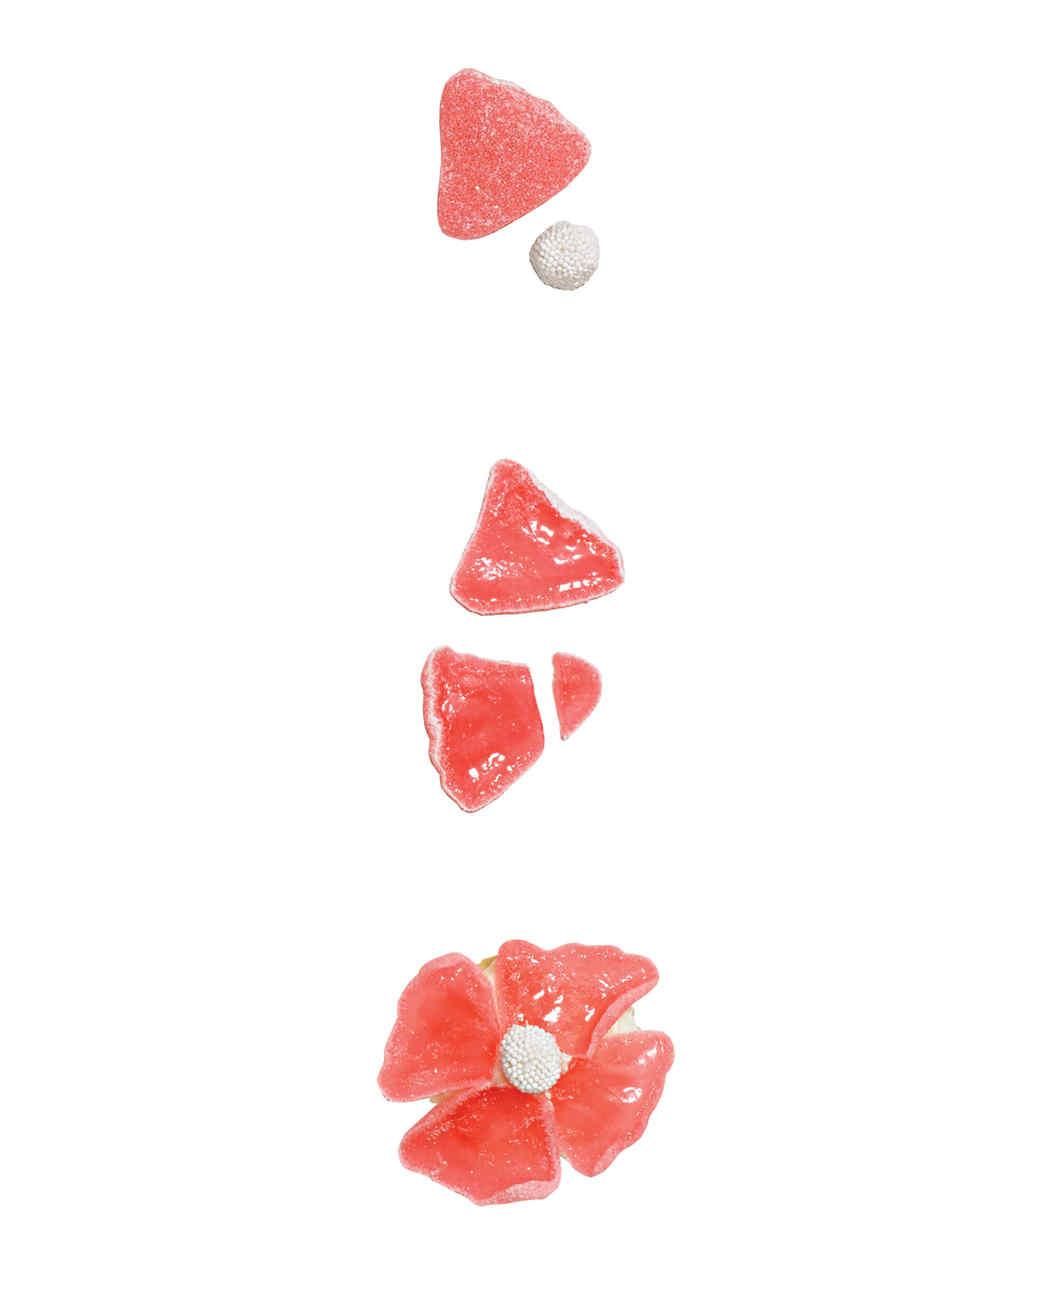 pink-clematis-mayflower-cupcake-357-shines-d112850.jpg